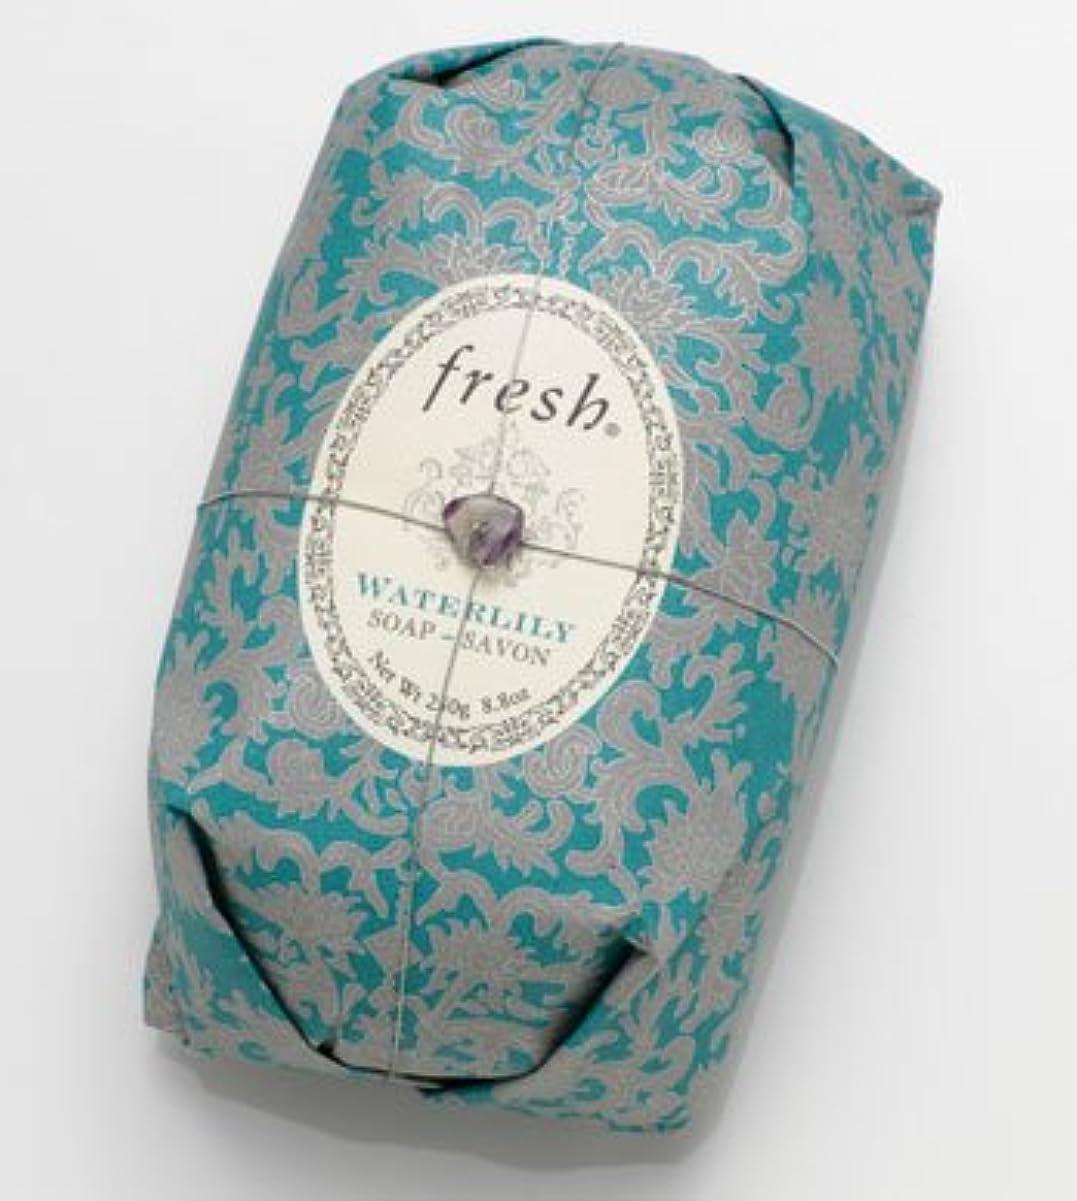 乗り出す腐敗記念碑的なFresh WATERLILY SOAP (フレッシュ ウオーターリリー ソープ) 8.8 oz (250g) Soap (石鹸) by Fresh